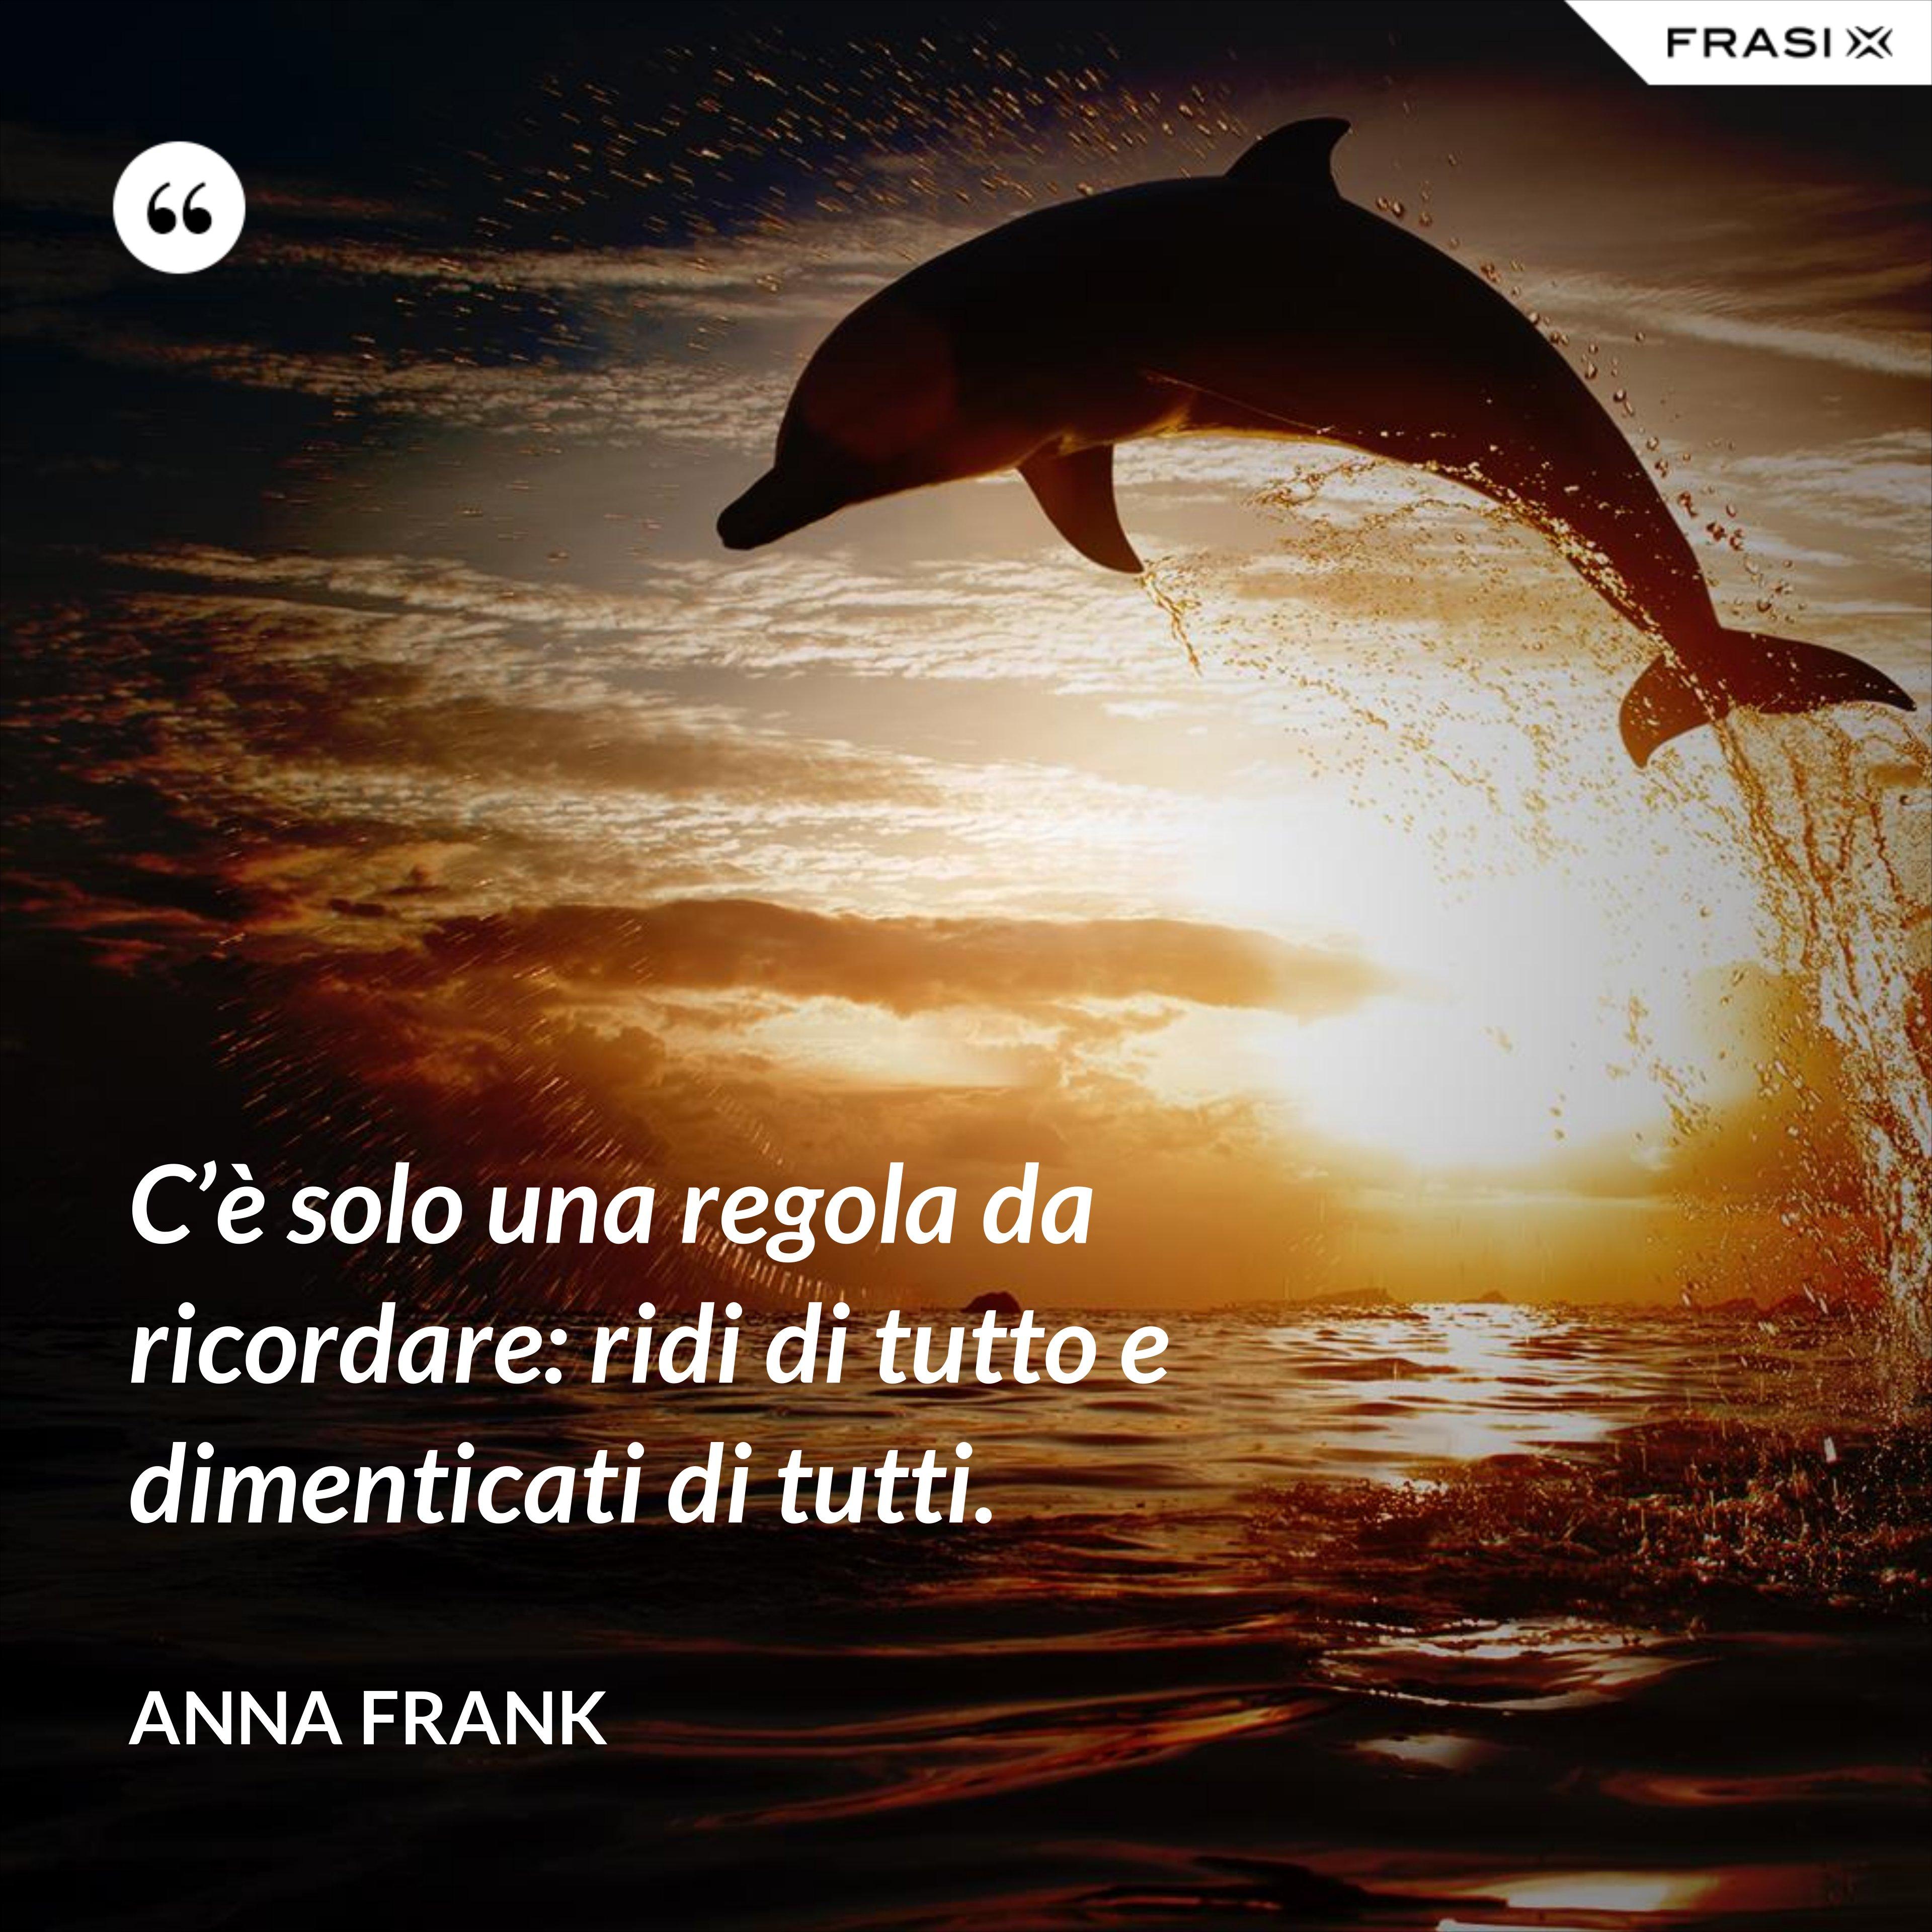 C'è solo una regola da ricordare: ridi di tutto e dimenticati di tutti. - Anna Frank